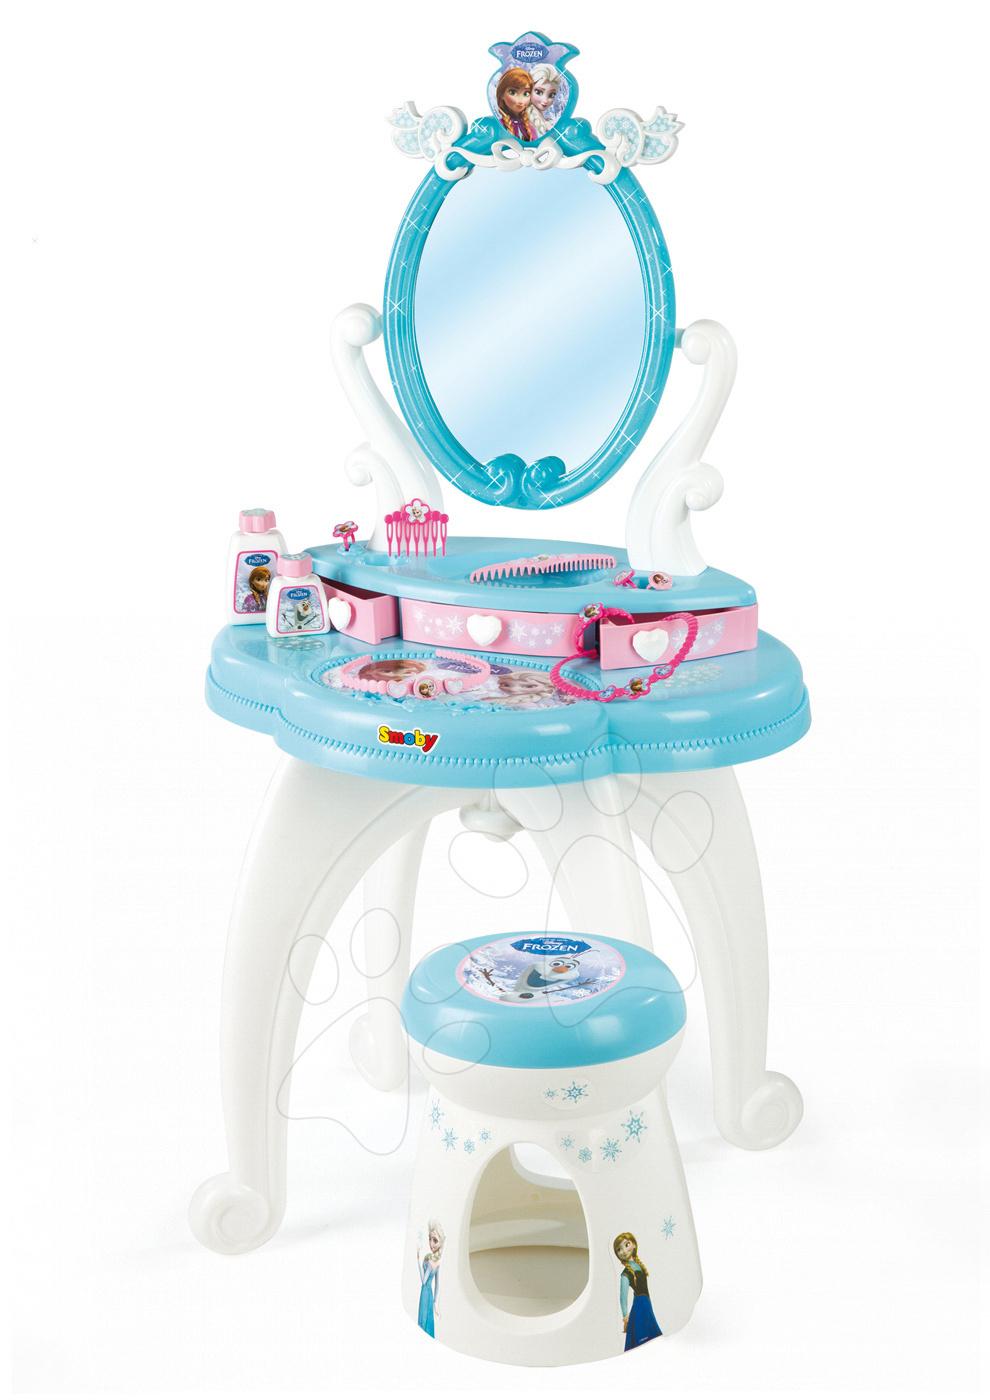 Kozmetický stolík pre deti - Kozmetický stolík Frozen 2v1 Smoby so stoličkou a 10 doplnkami